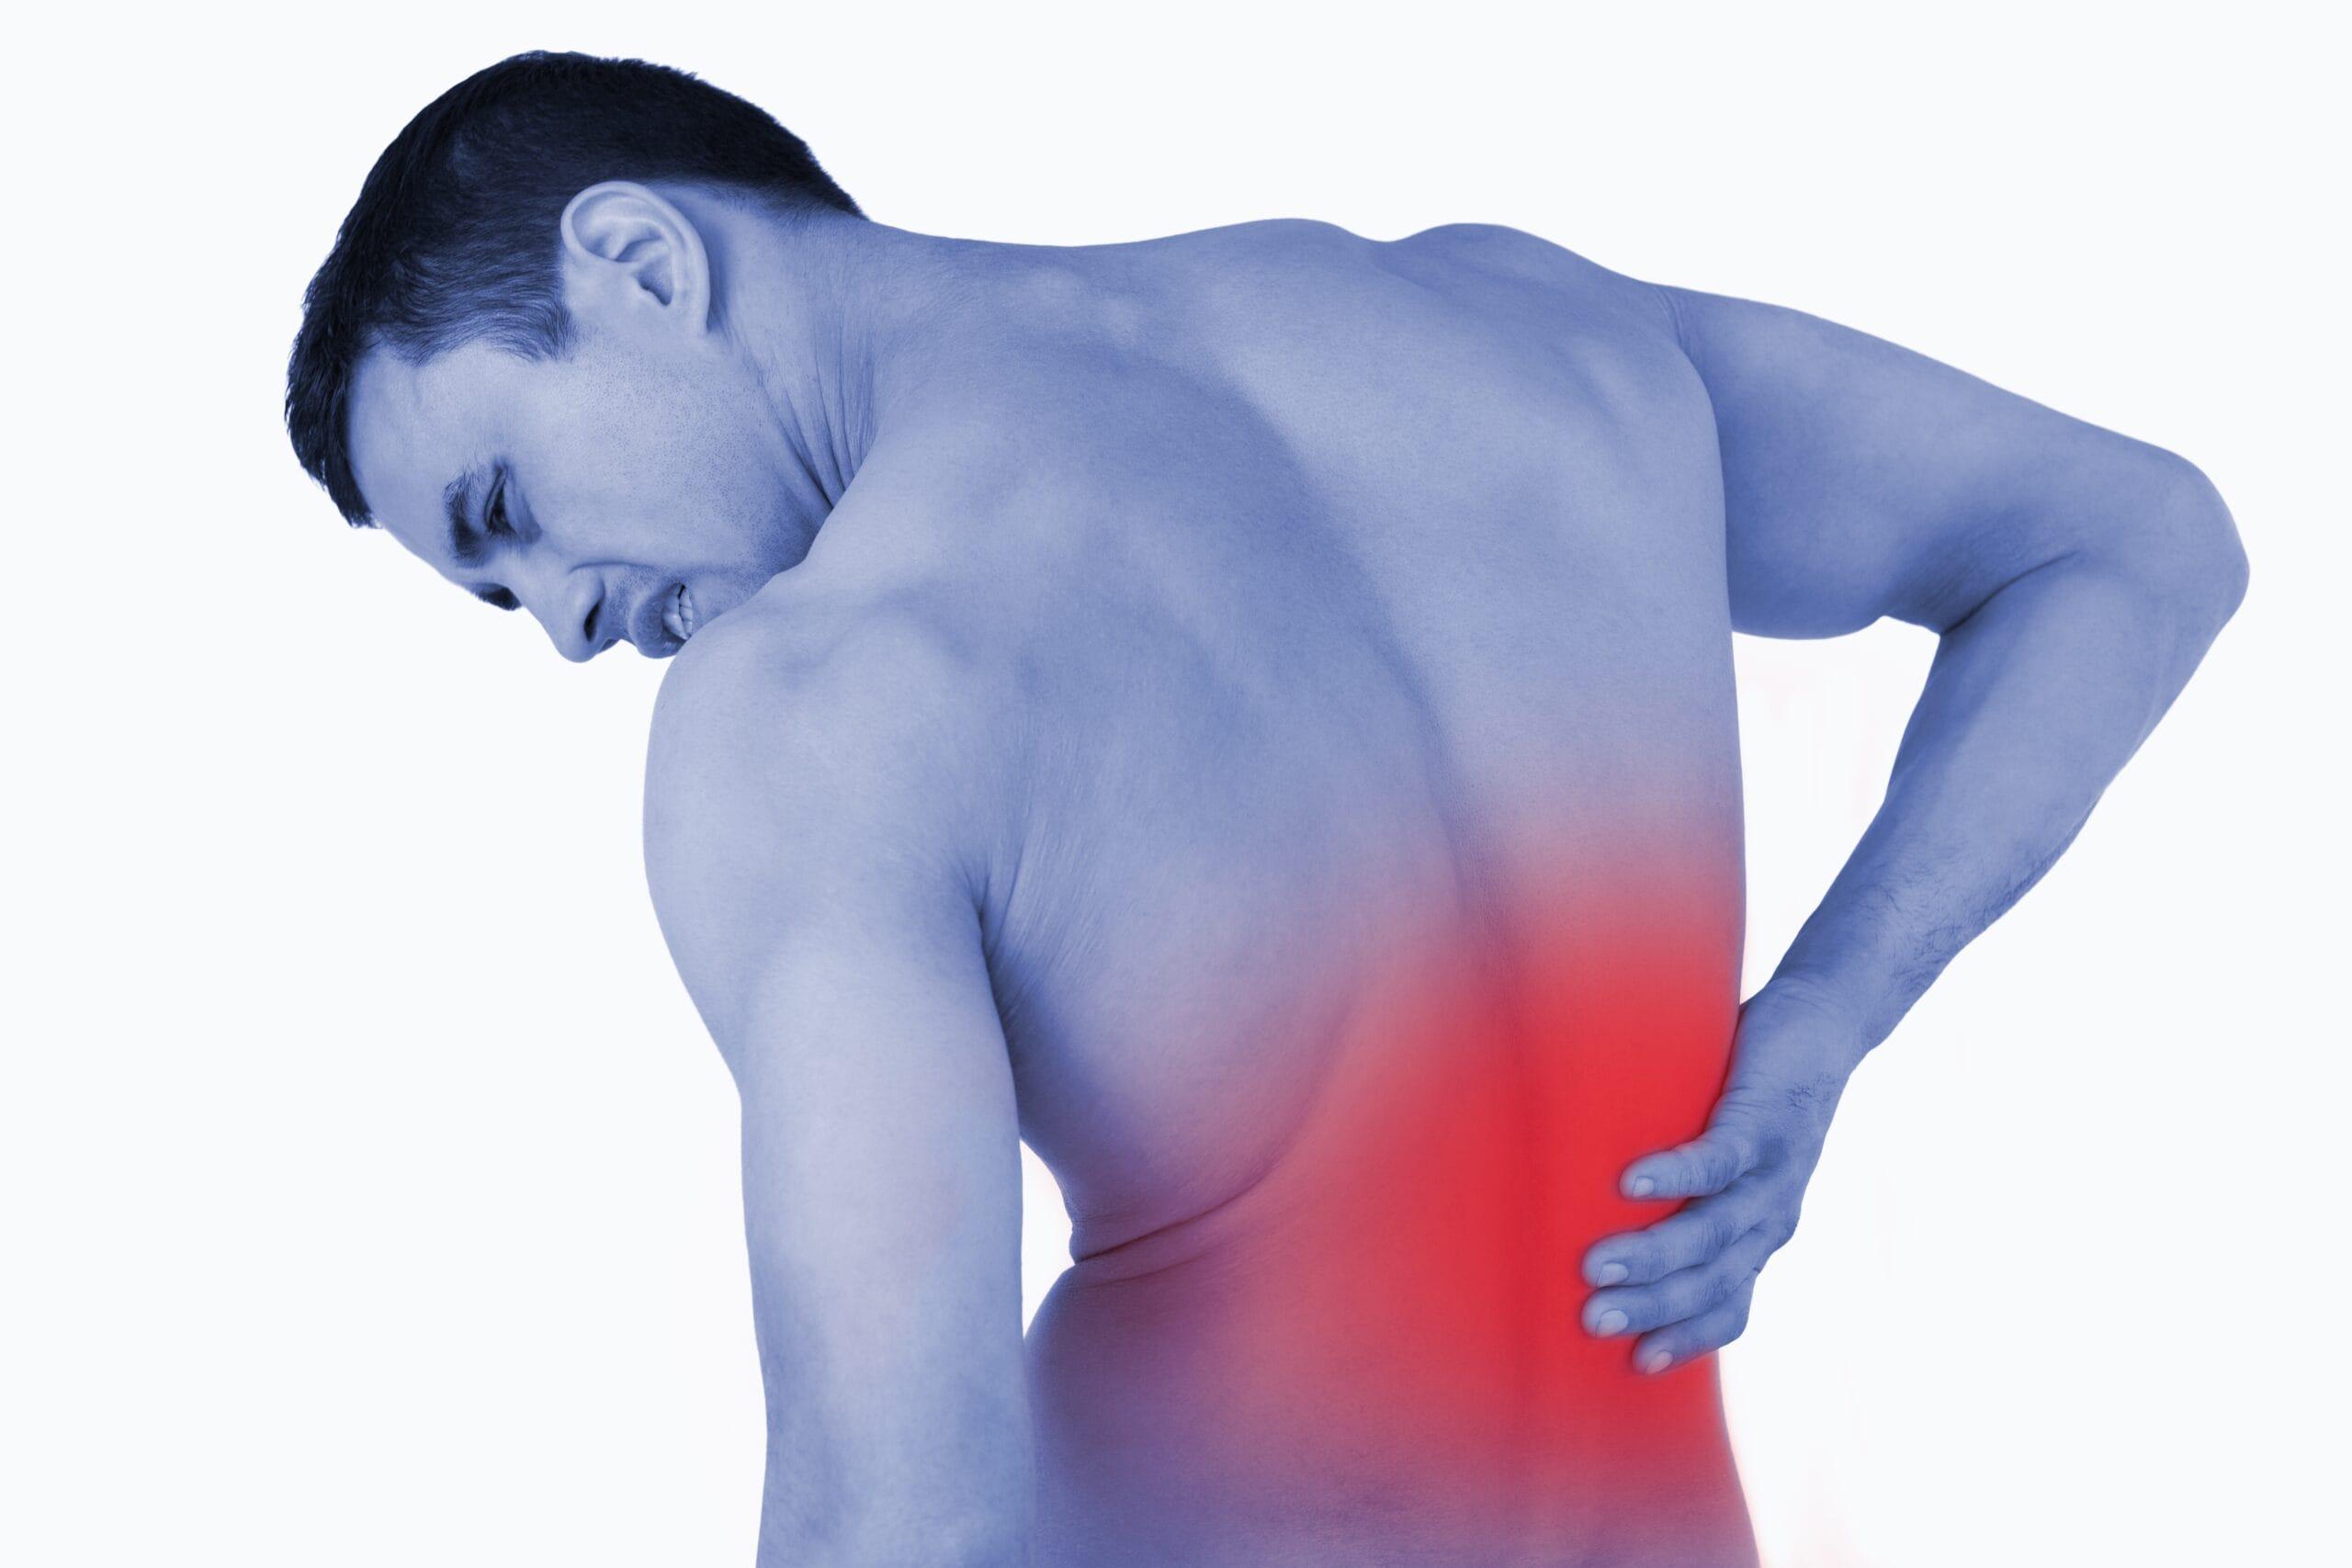 Muskel-Skelett-Erkrankungen (MSE): So beugen Sie vor